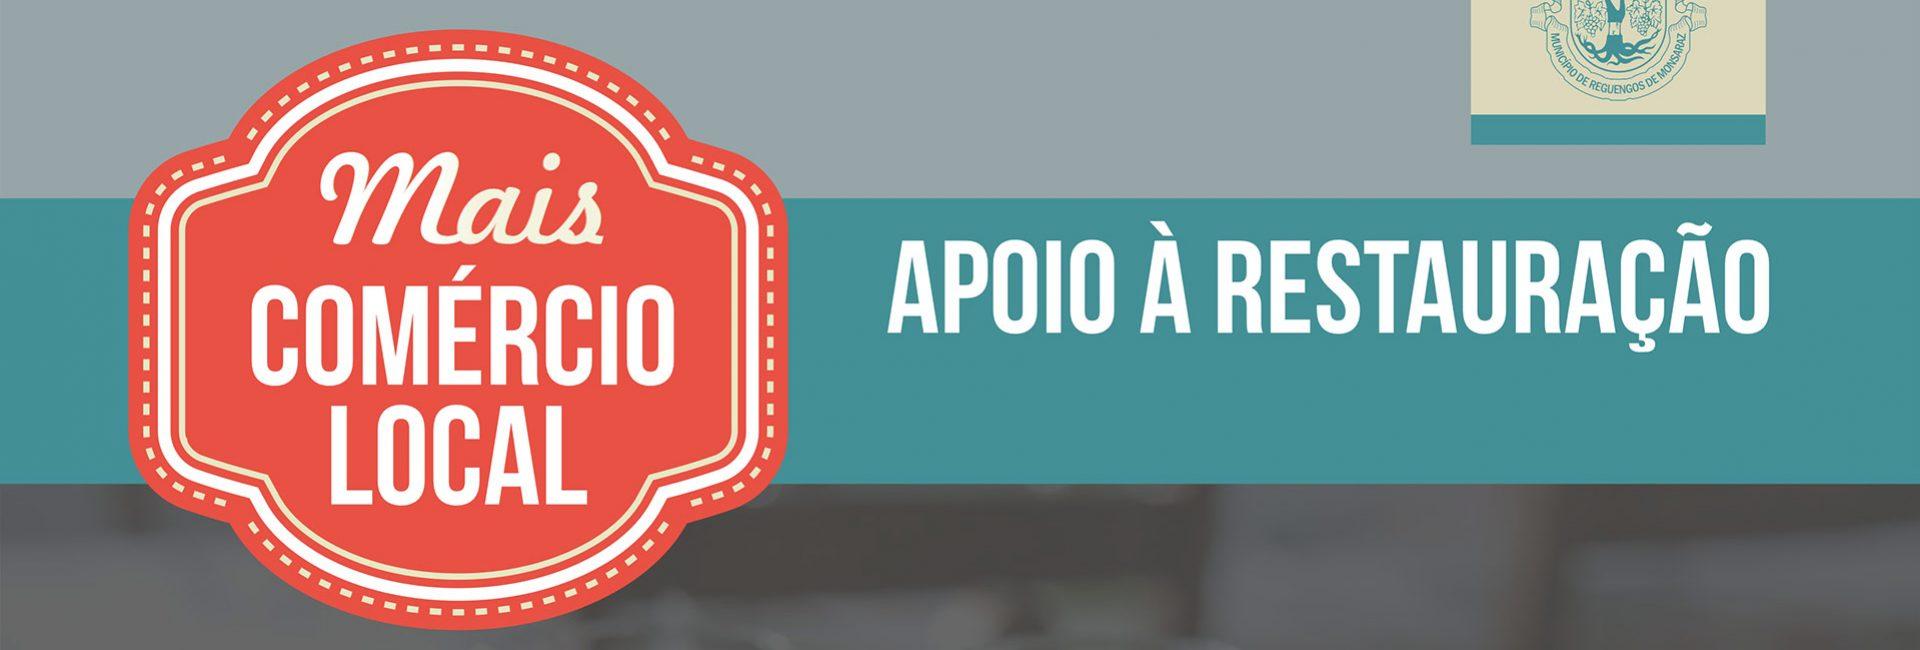 mais-comercio-local-apoio-restauracao-topo-generico-1920